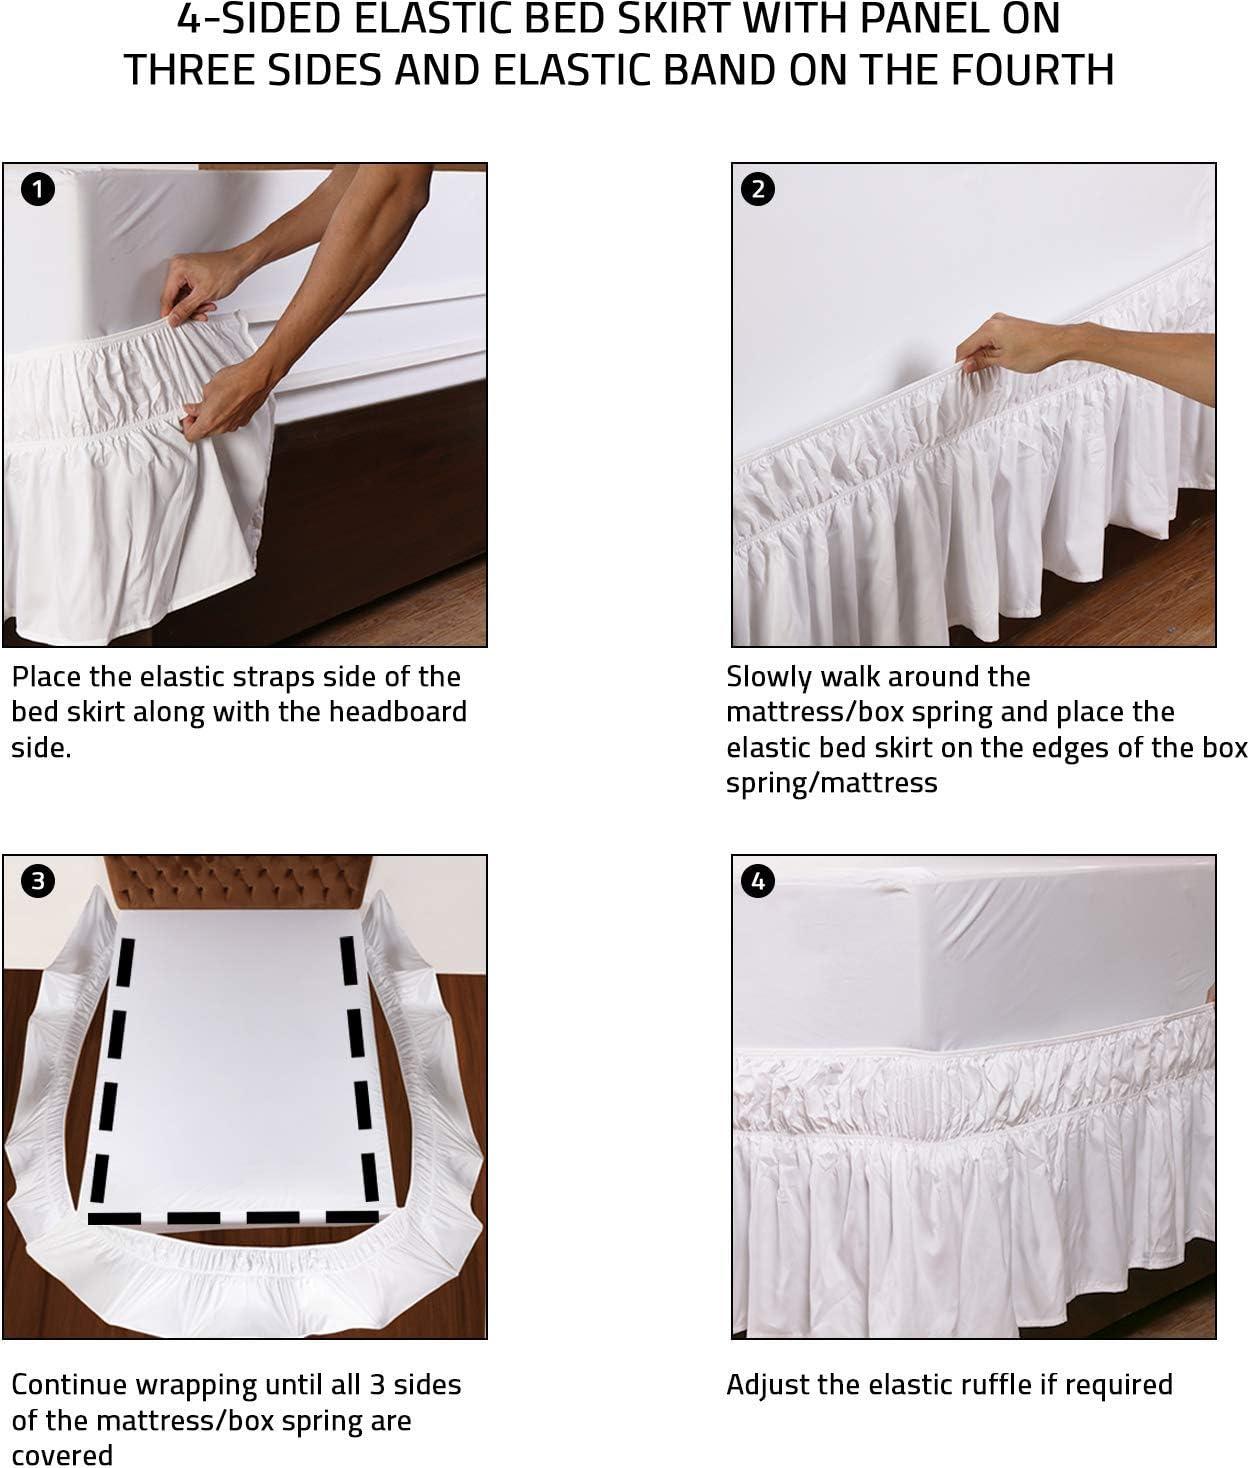 Extra Profondo Utopia Bedding Elastico Mantovana da Letto con Balza Adatto a Goccia 40 cm 135 x 190 cm, Bianco -